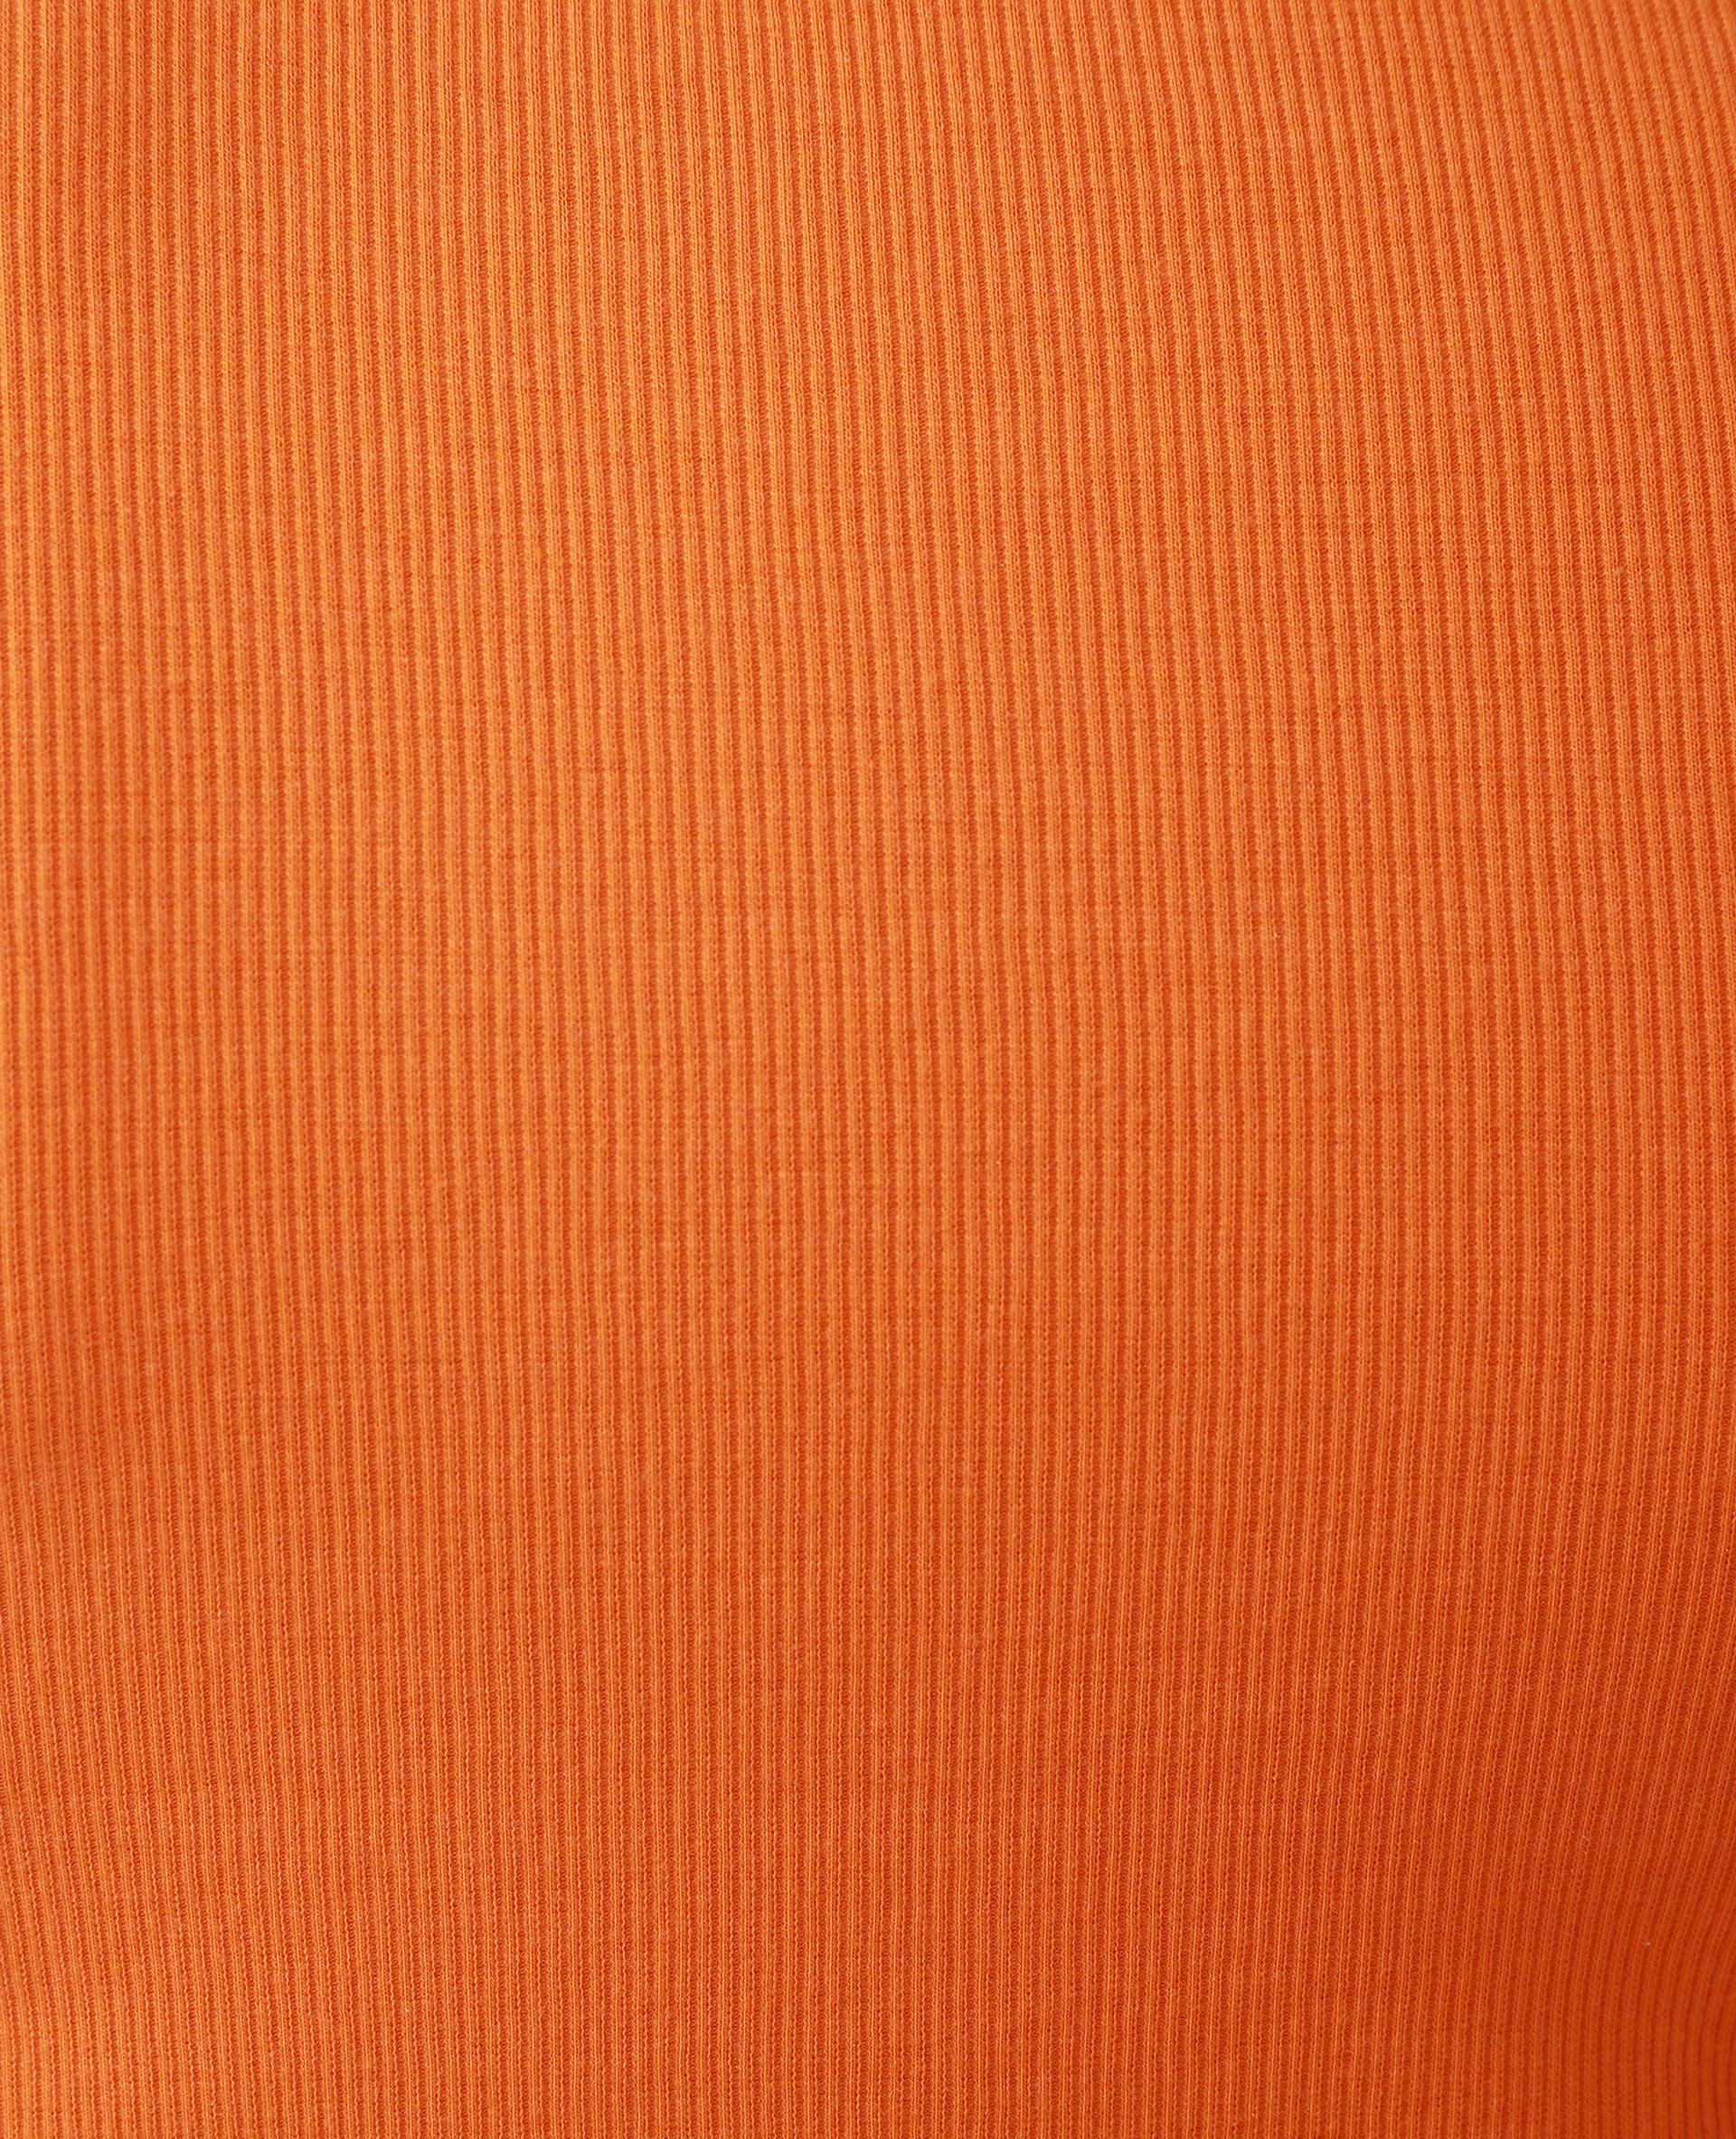 T-shirt roulotté orange - Pimkie